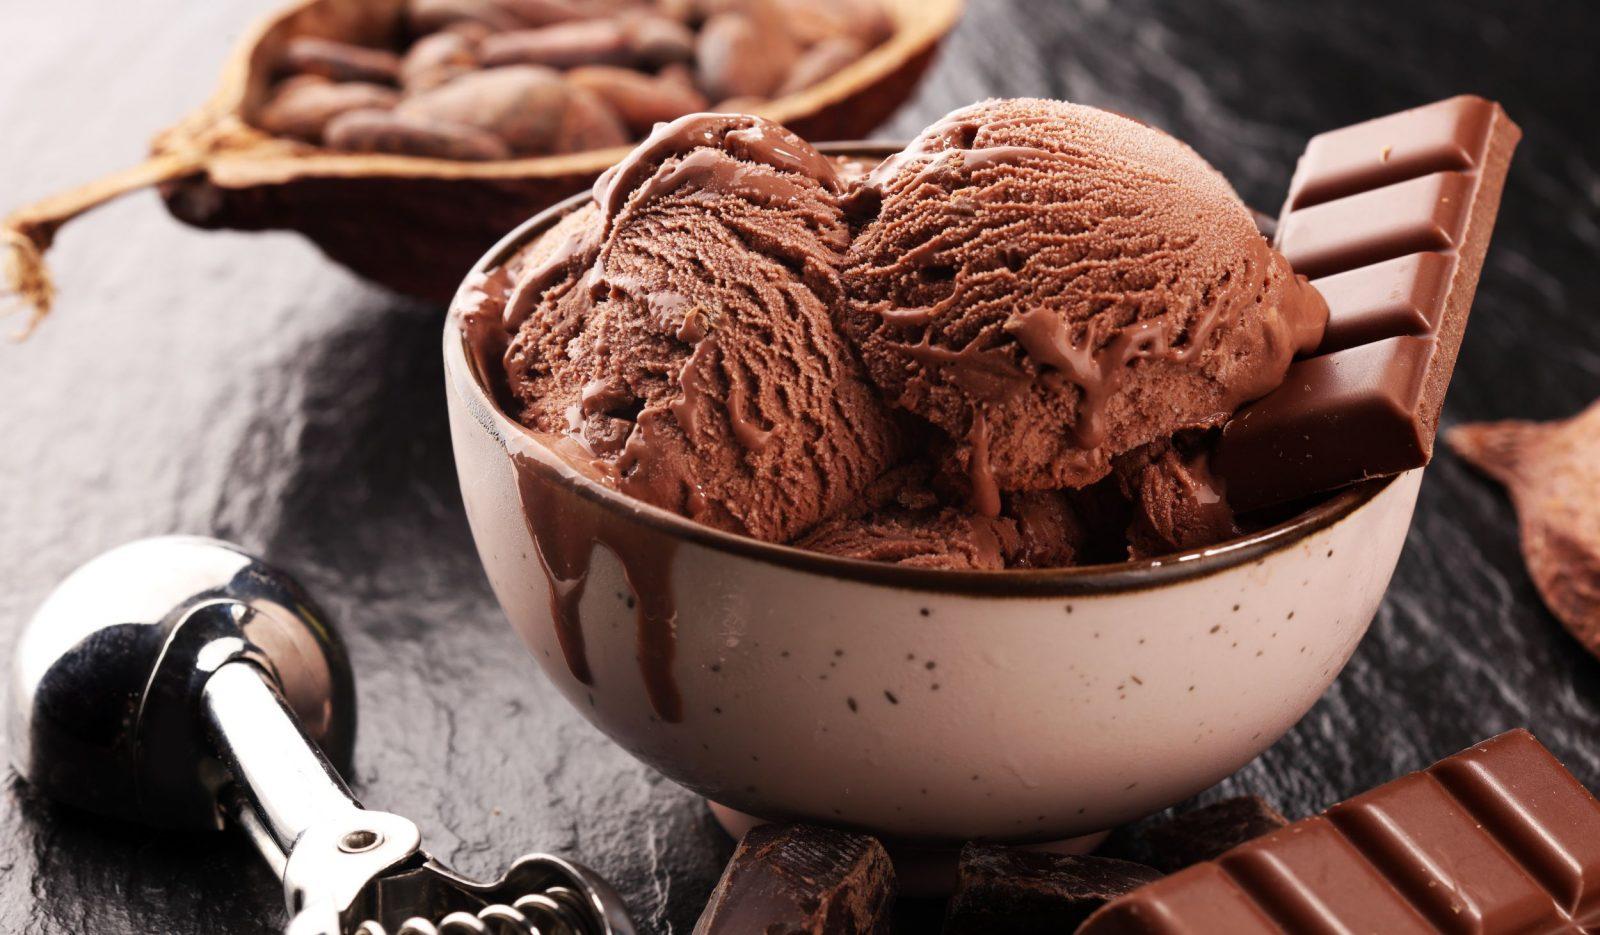 Шоколадное мороженое из сливок и сгущёнки десерты,мороженое